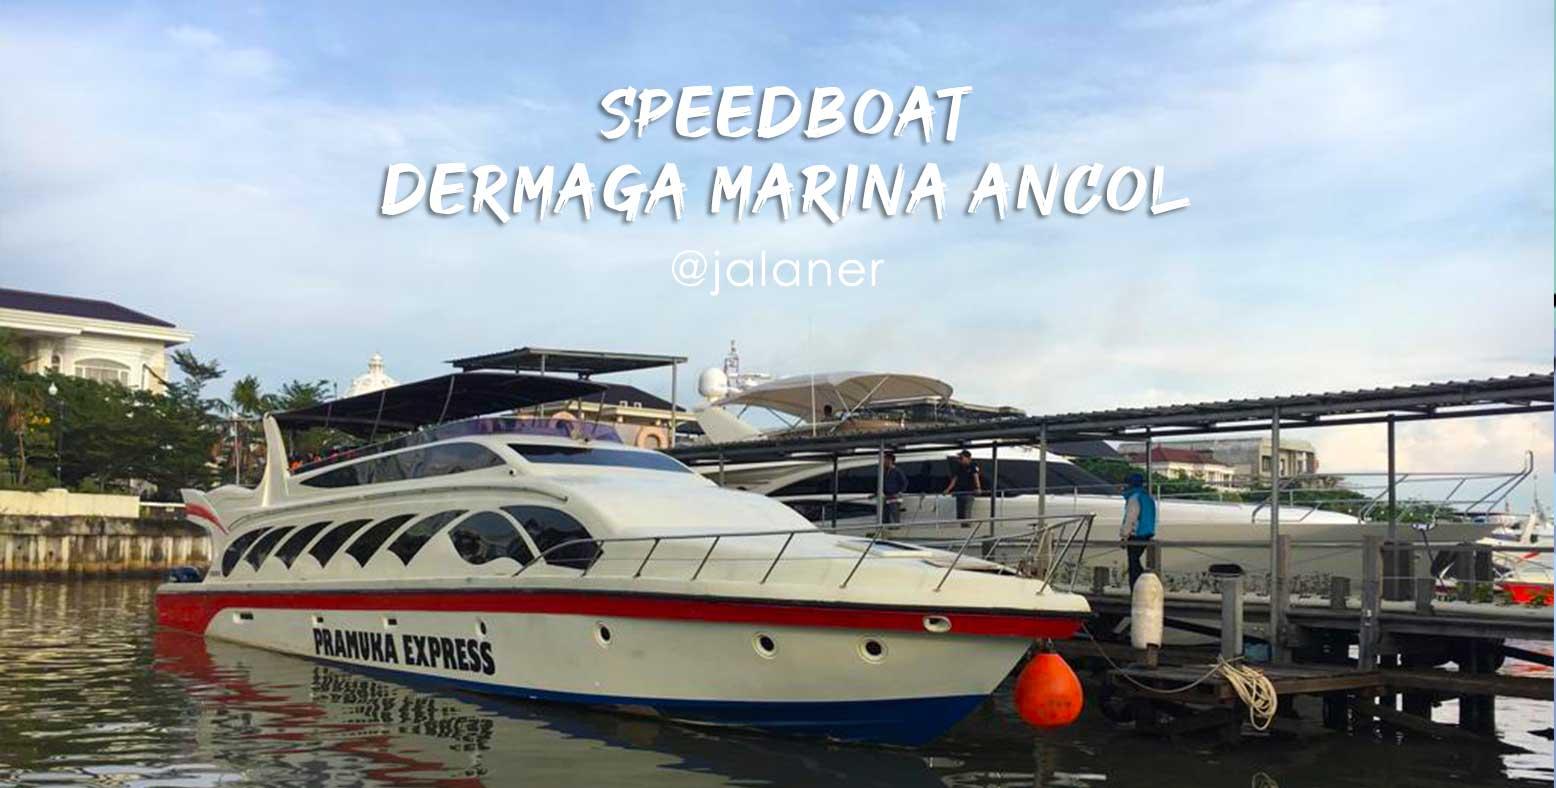 Dermaga Marina Ancol -jalaner